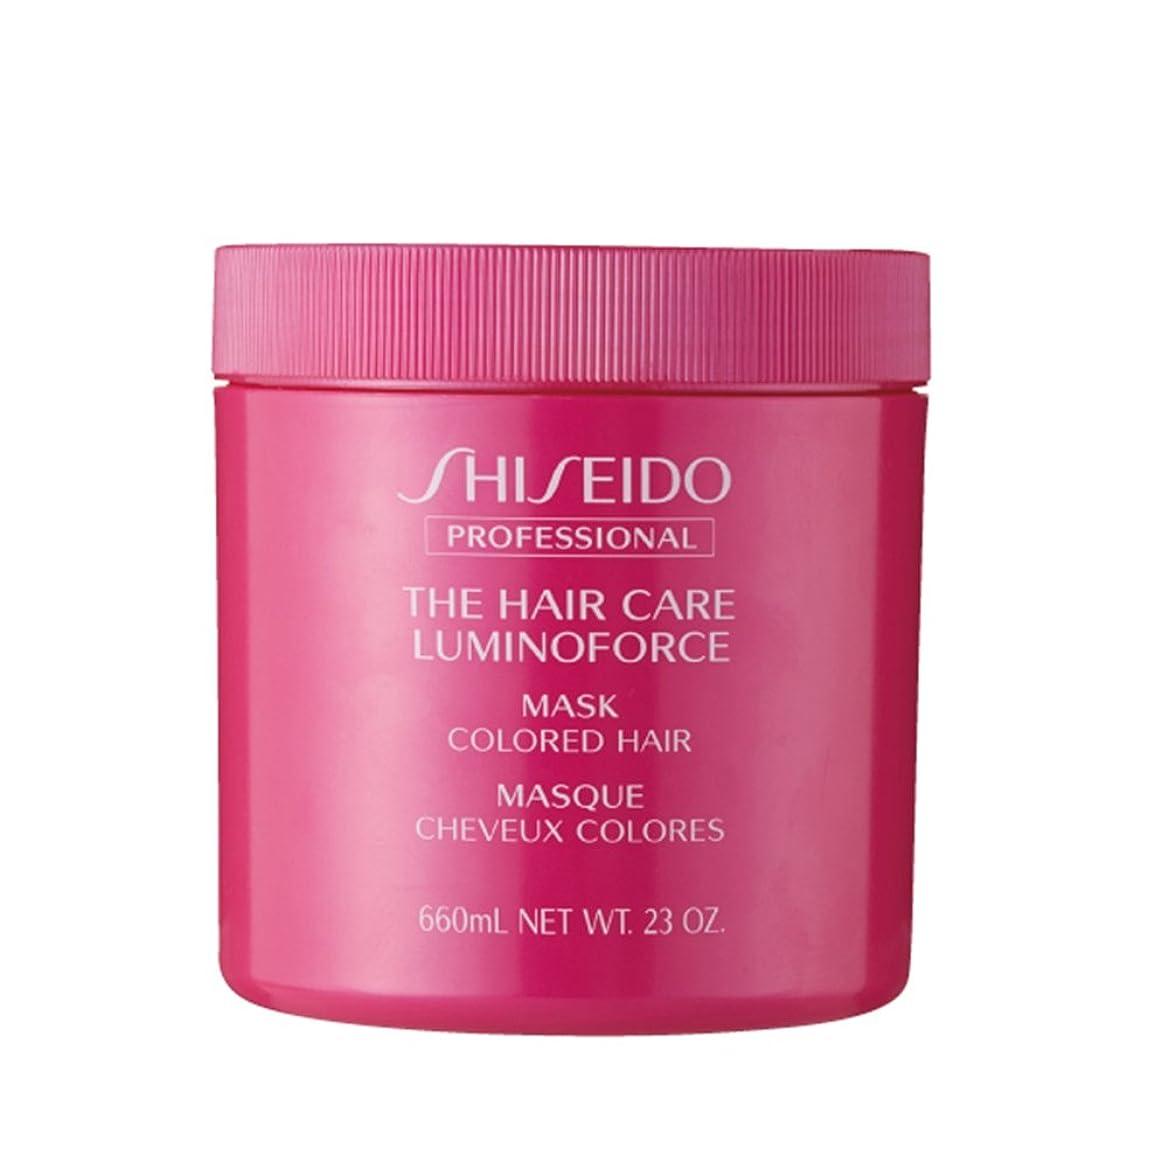 真向こうクリープ聞く資生堂 THC ルミノフォースマスク 680g ×3個 セットヘアカラーを繰り返したごわついた髪を、芯からしなやかでつややかな髪へSHISEIDO LUMINOFORCE